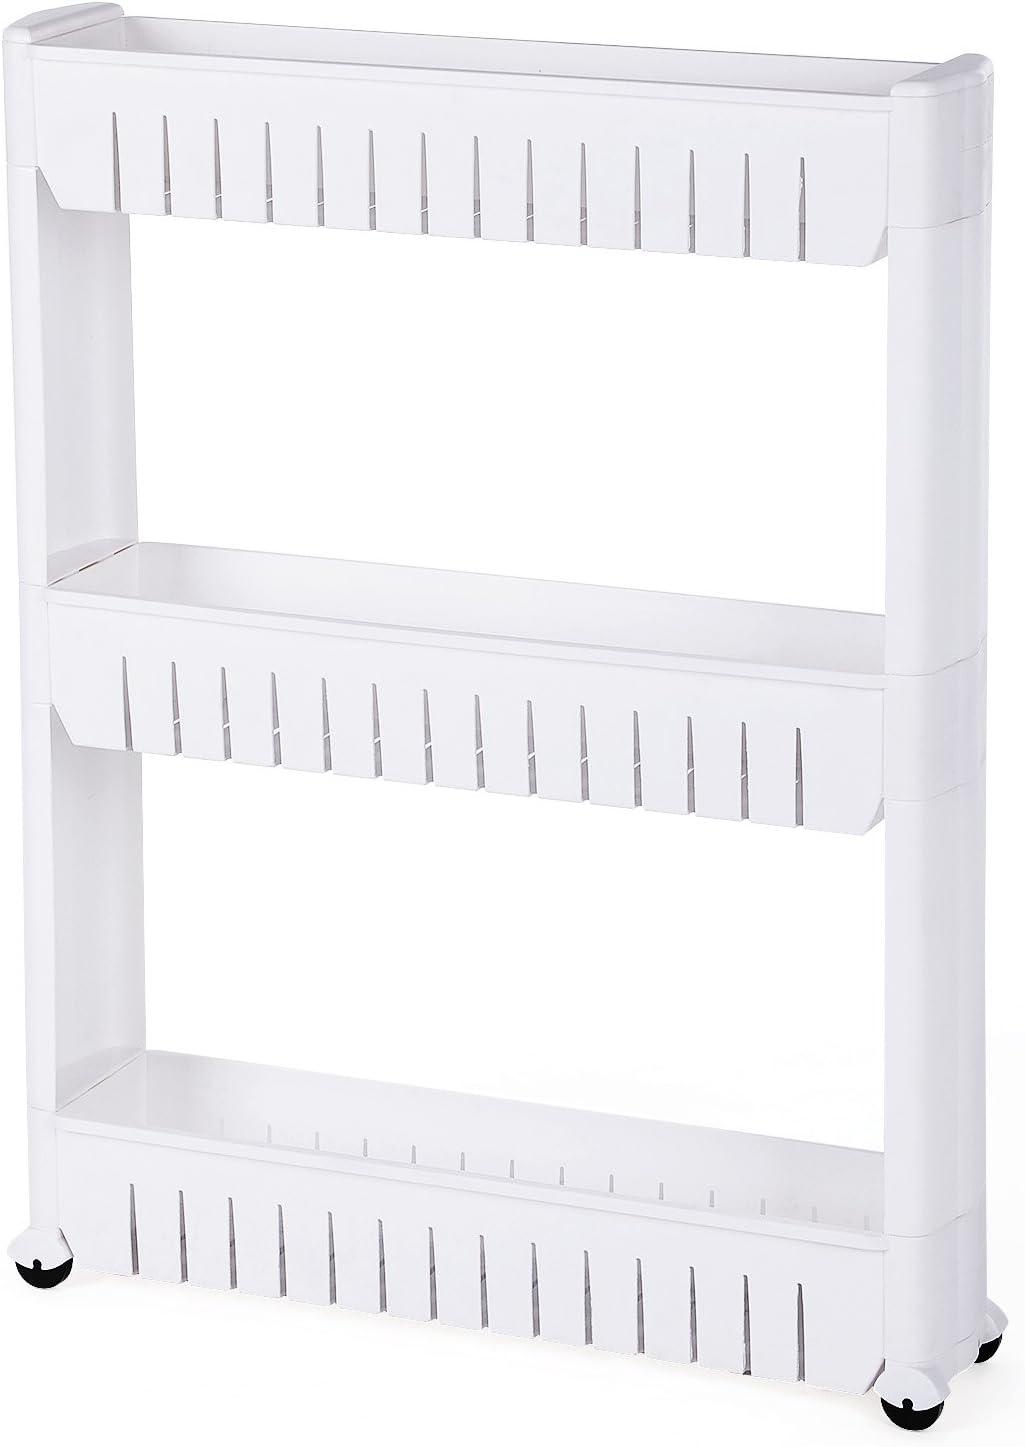 SONGMICS Estante para Hogar y Baño, Carrito de Cocina, Estantería de Cocina, 3 Niveles, 72,5 cm, Blanco KTR03W